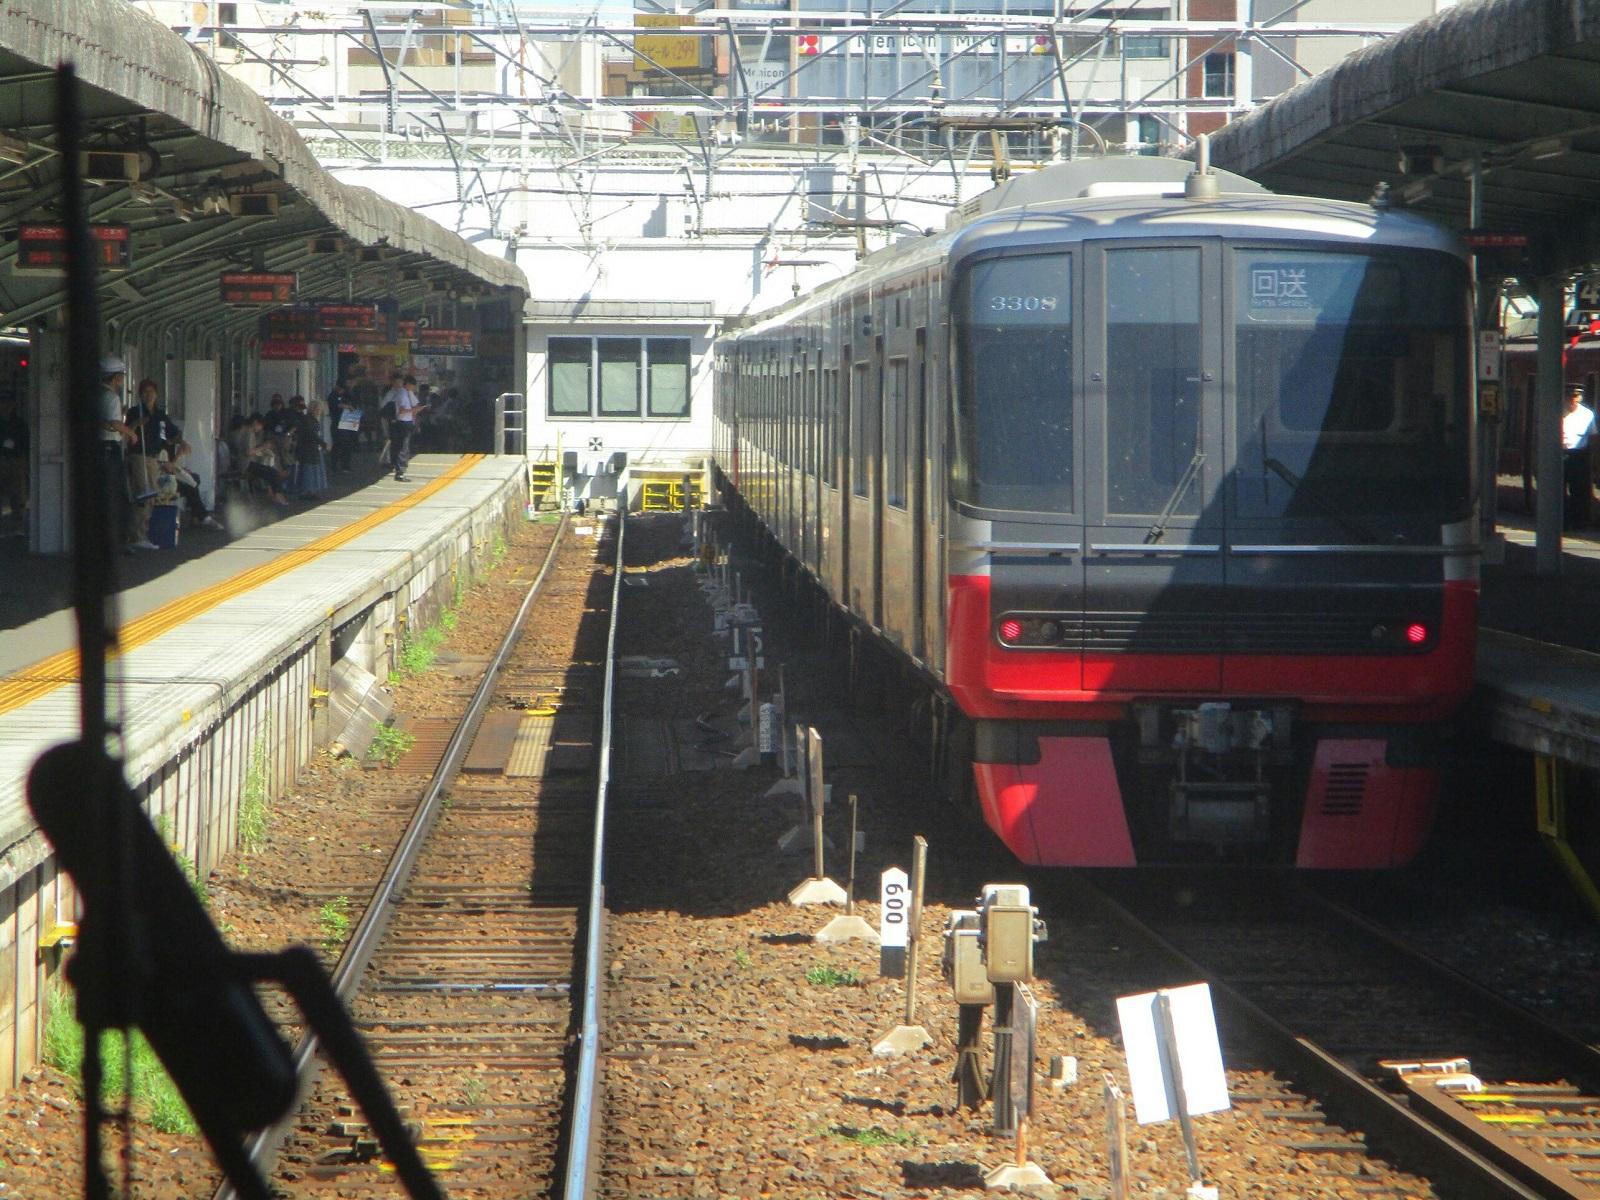 2018.8.17 (30) 岐阜いき特急 - 岐阜(回送) 1600-1200